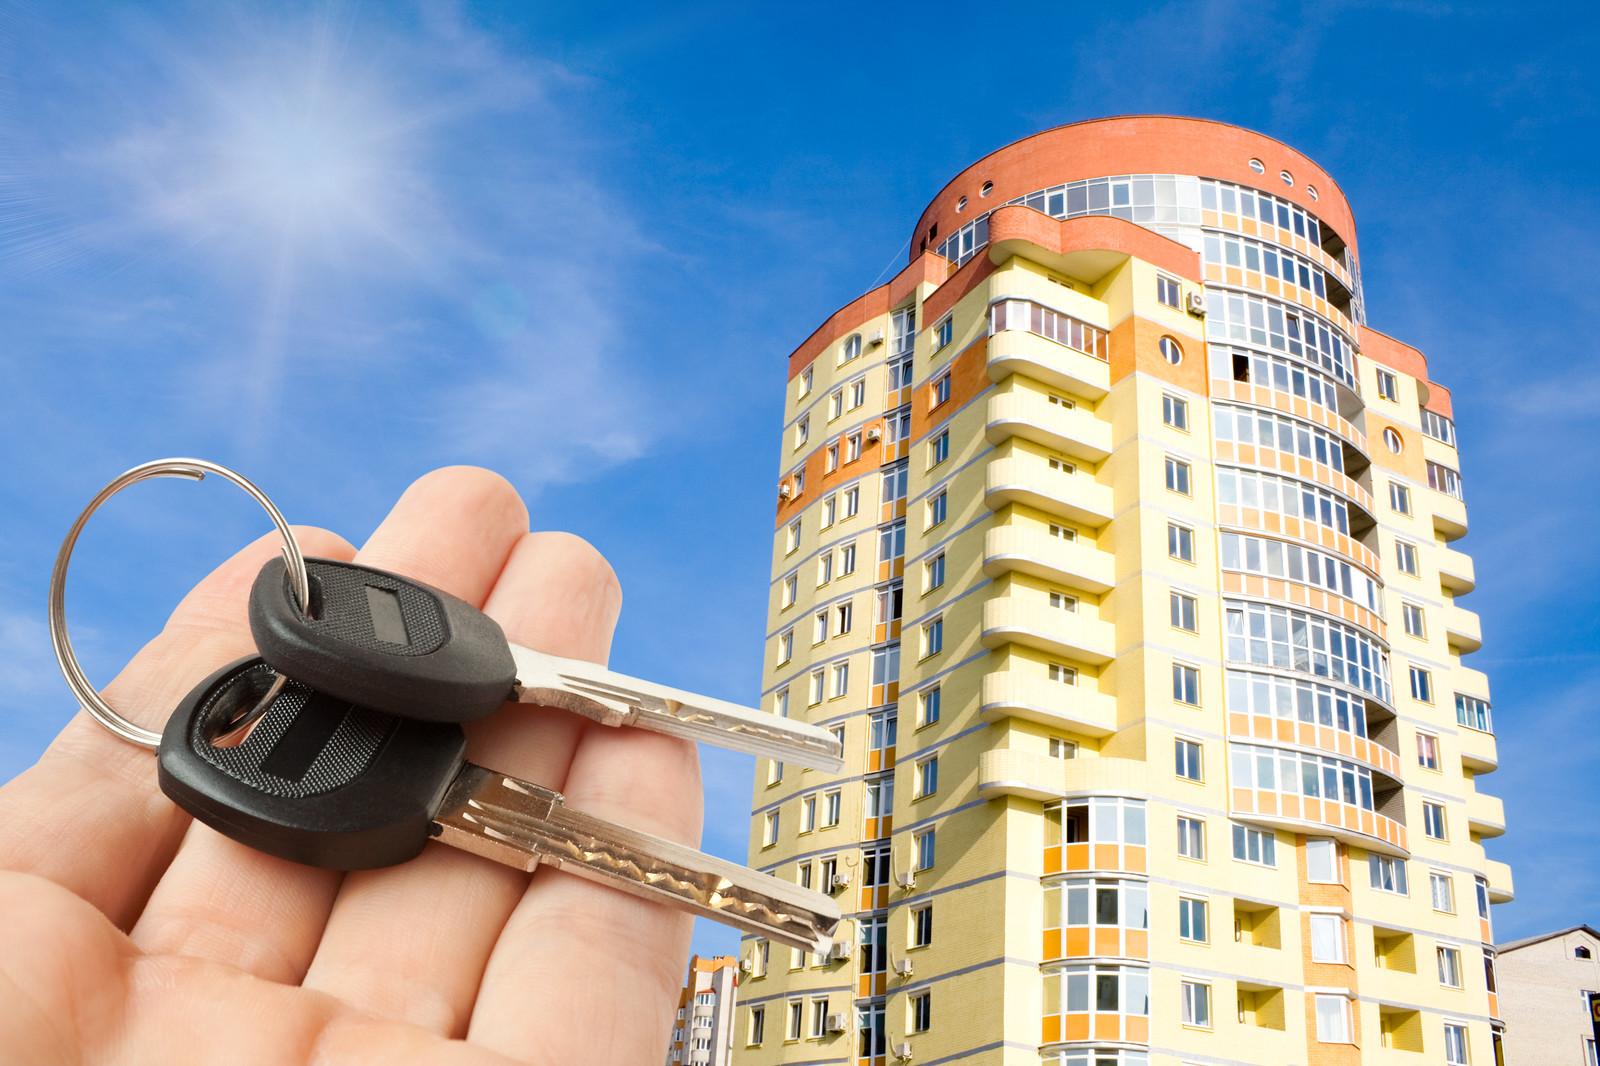 Покупка вторичного жилья: на что обращать внимание, чтобы избежать проблем с законом?